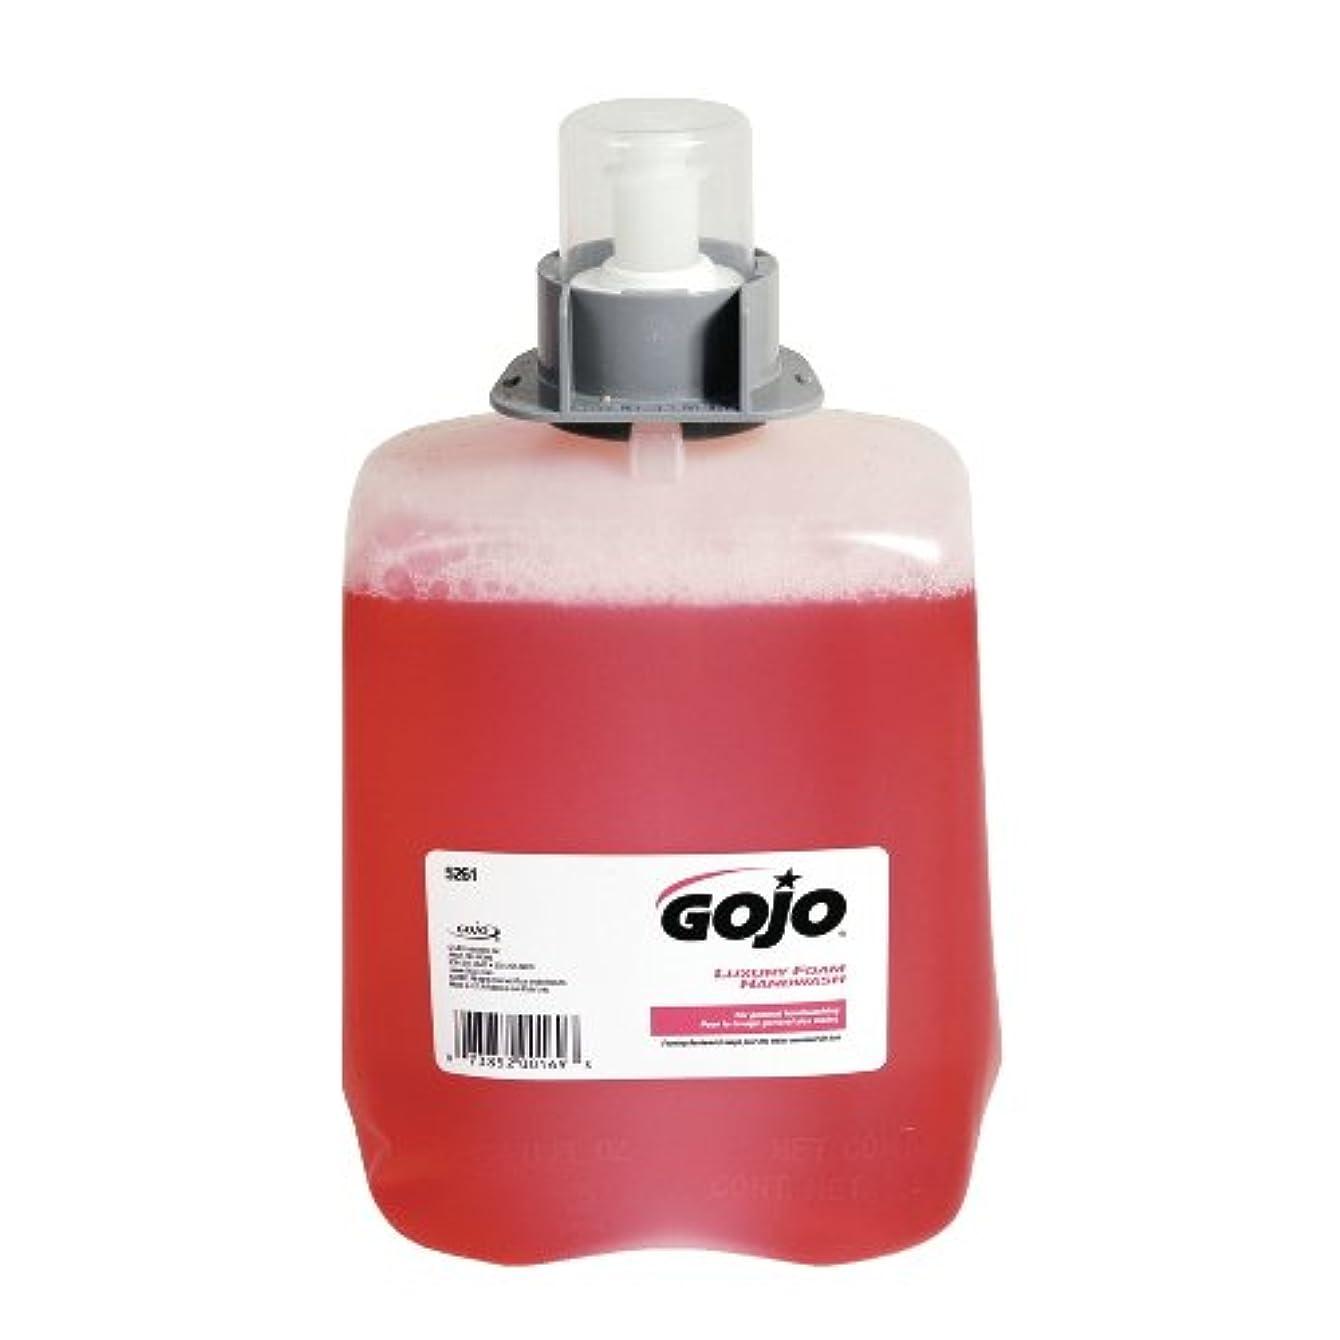 微妙ラベンダー飛ぶGOJ526102 - Gojo Luxury Foam Hand Wash Refill for FMX-20 Dispenser by Gojo